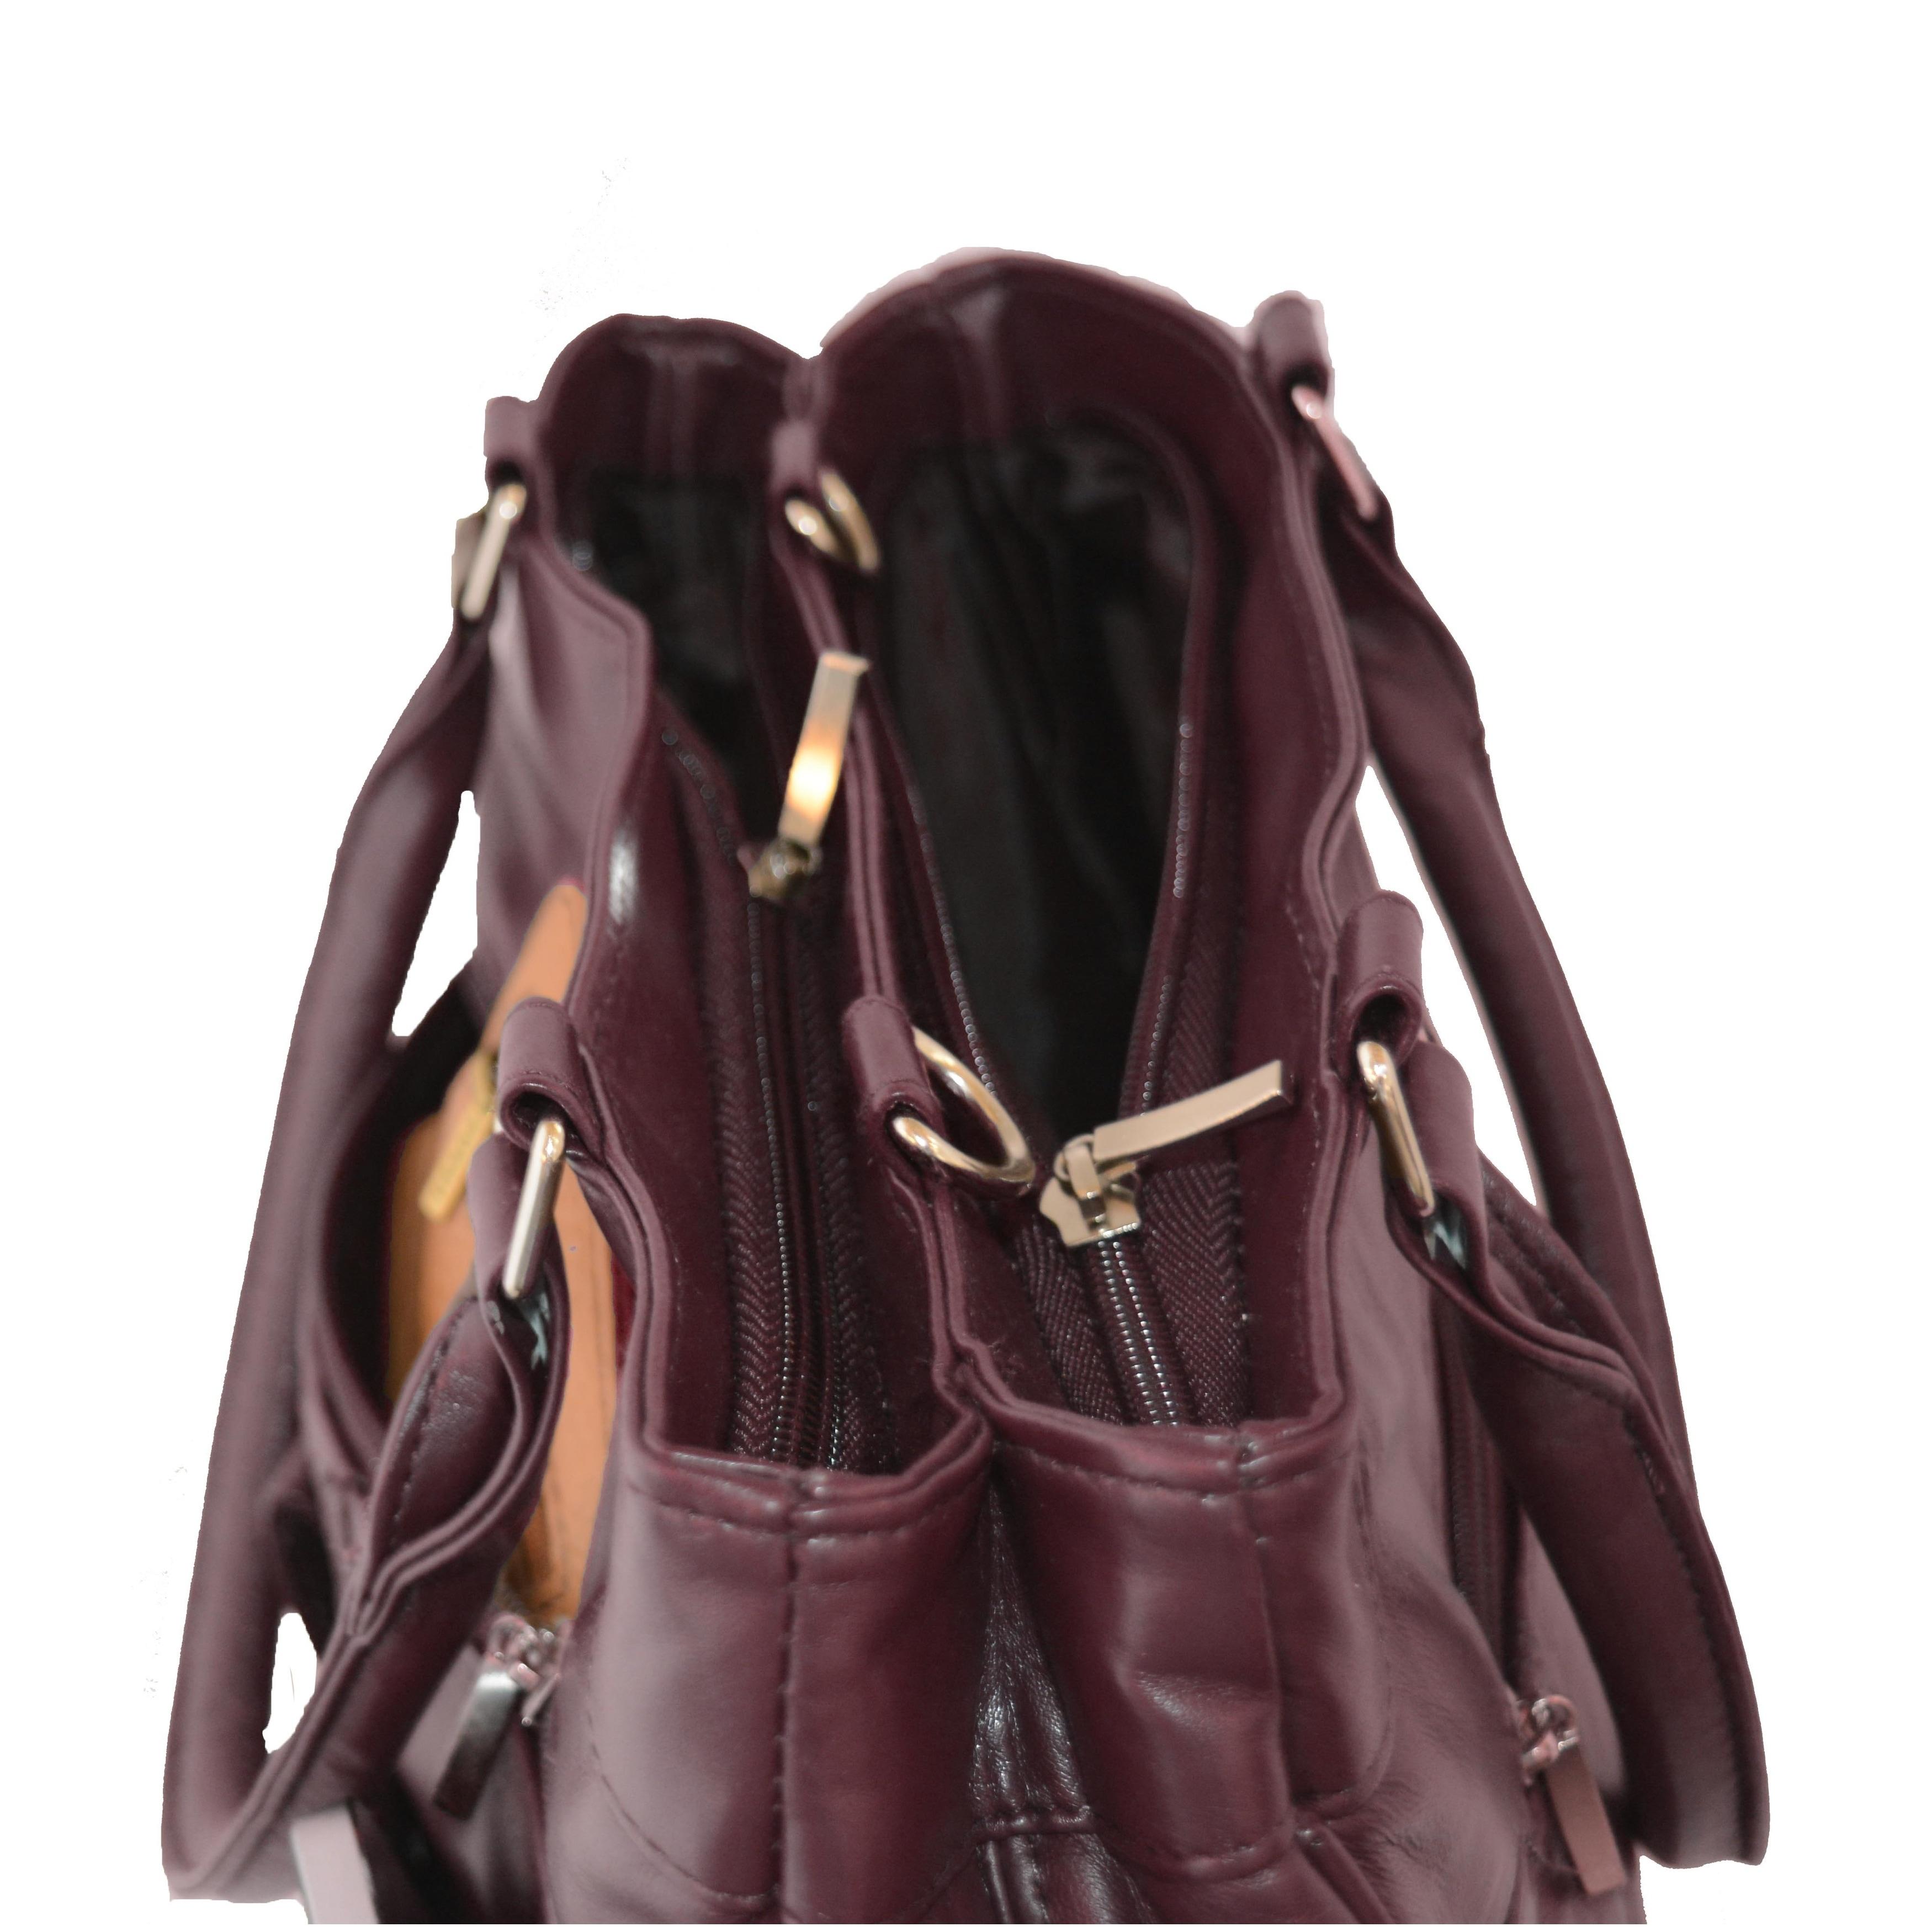 AFONiE Fashion Women Leather Shoulder Bags Handbag